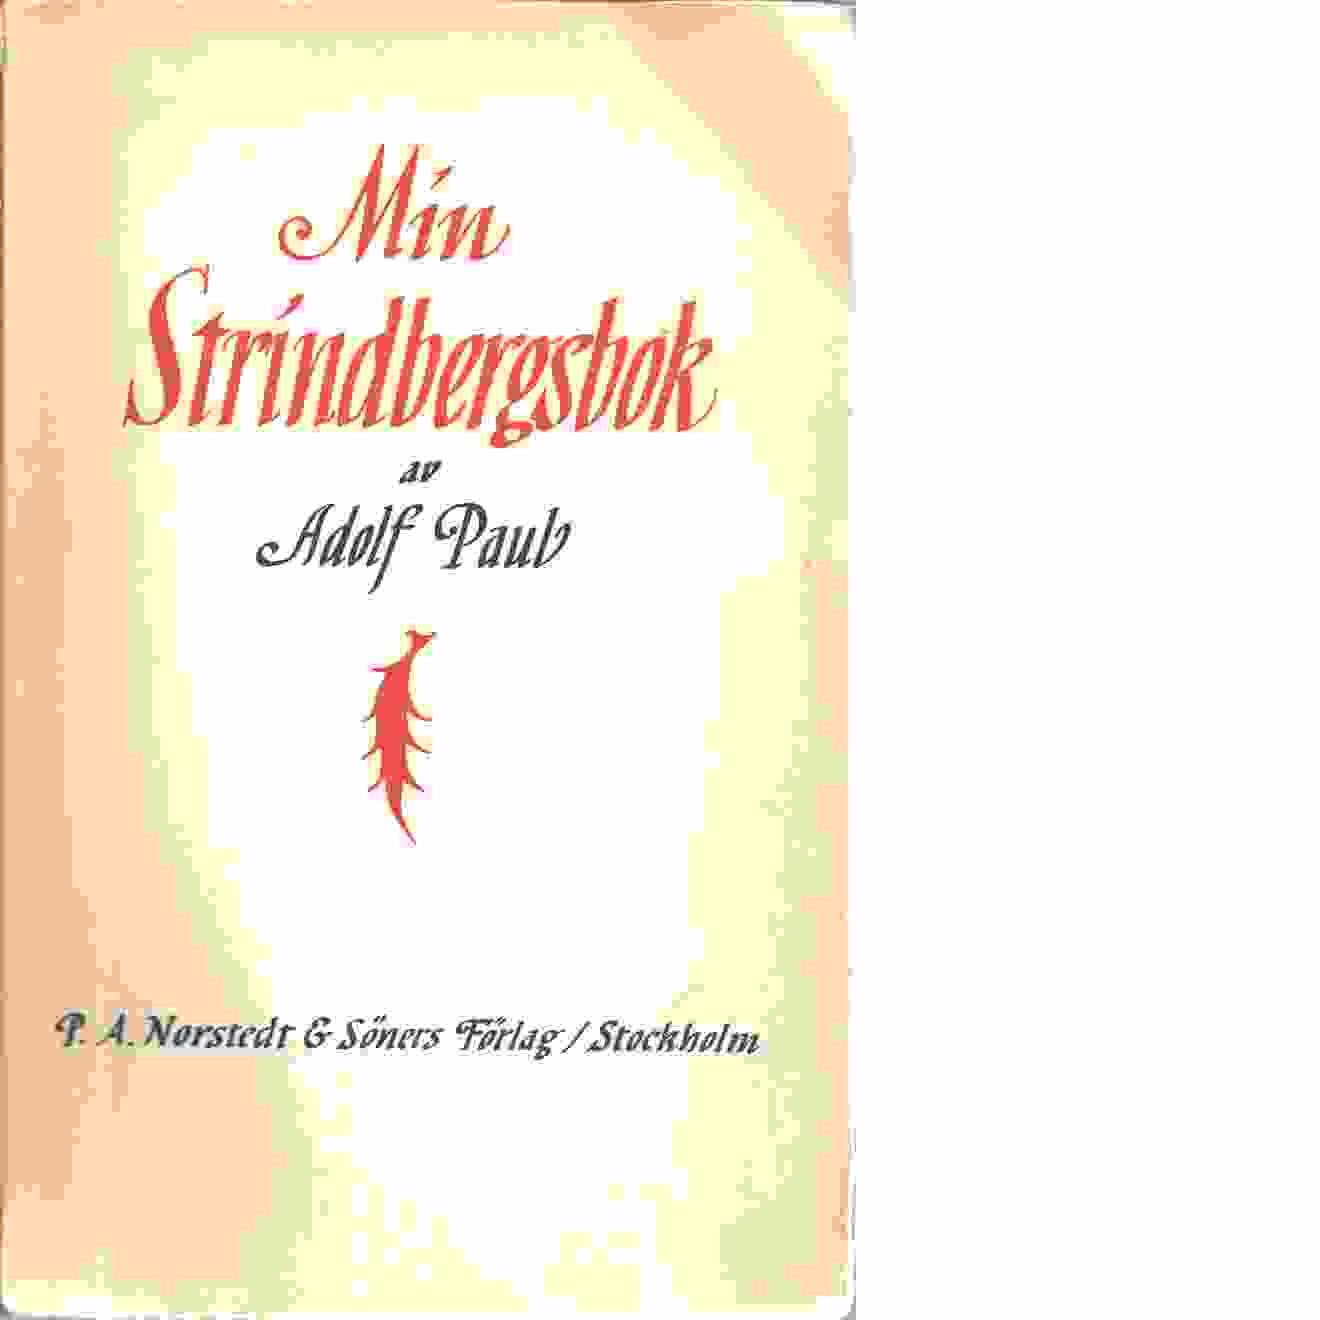 Min Strindbergsbok : Strindbergsminnen och brev - Paul, Adolf